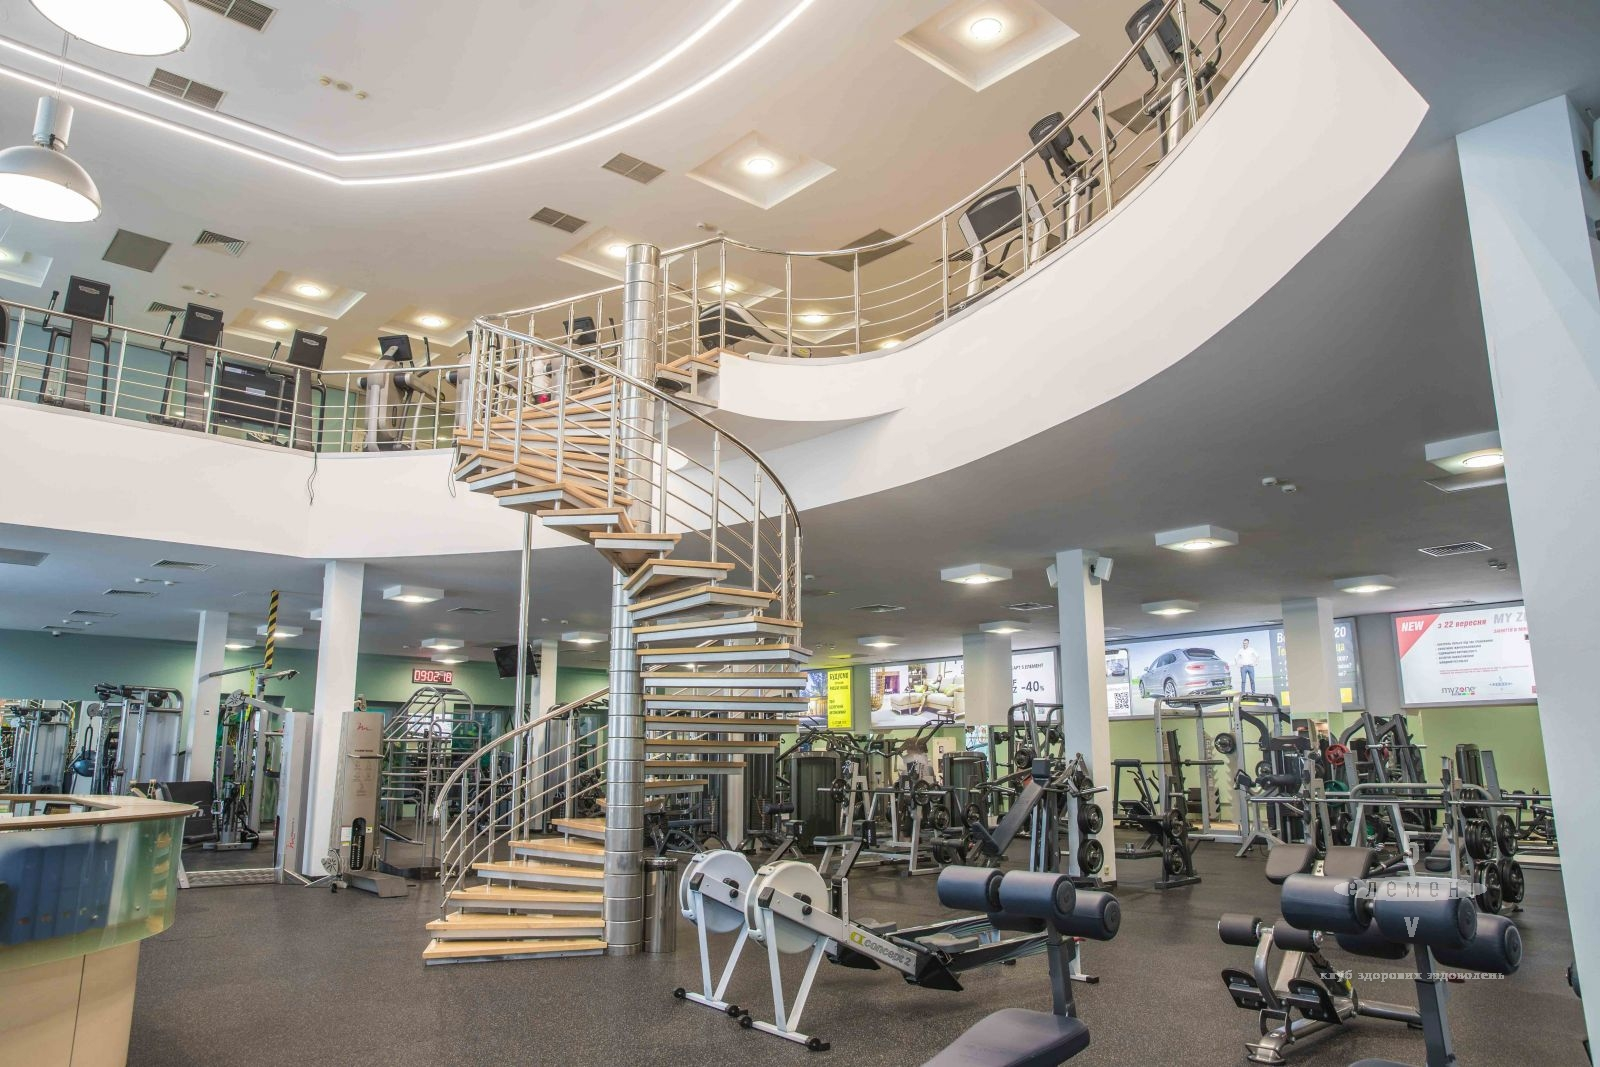 Риск распространения COVID -19 в фитнес-клубах крайне низок, - эксперты— фитнес-клуб 5 элемент